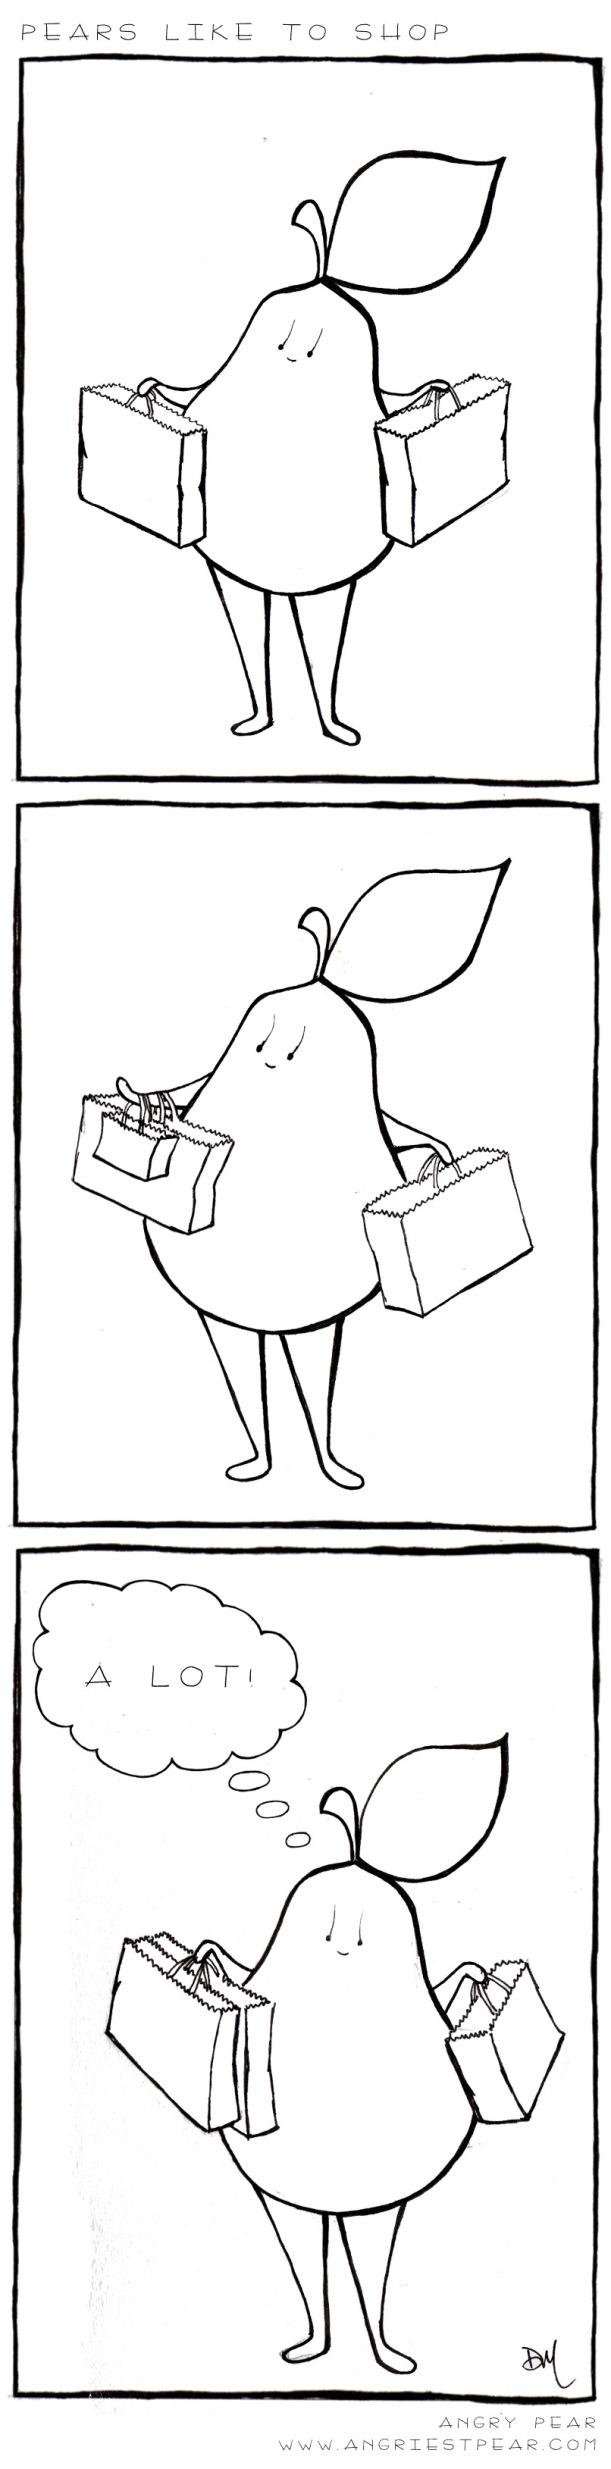 pears like to shop